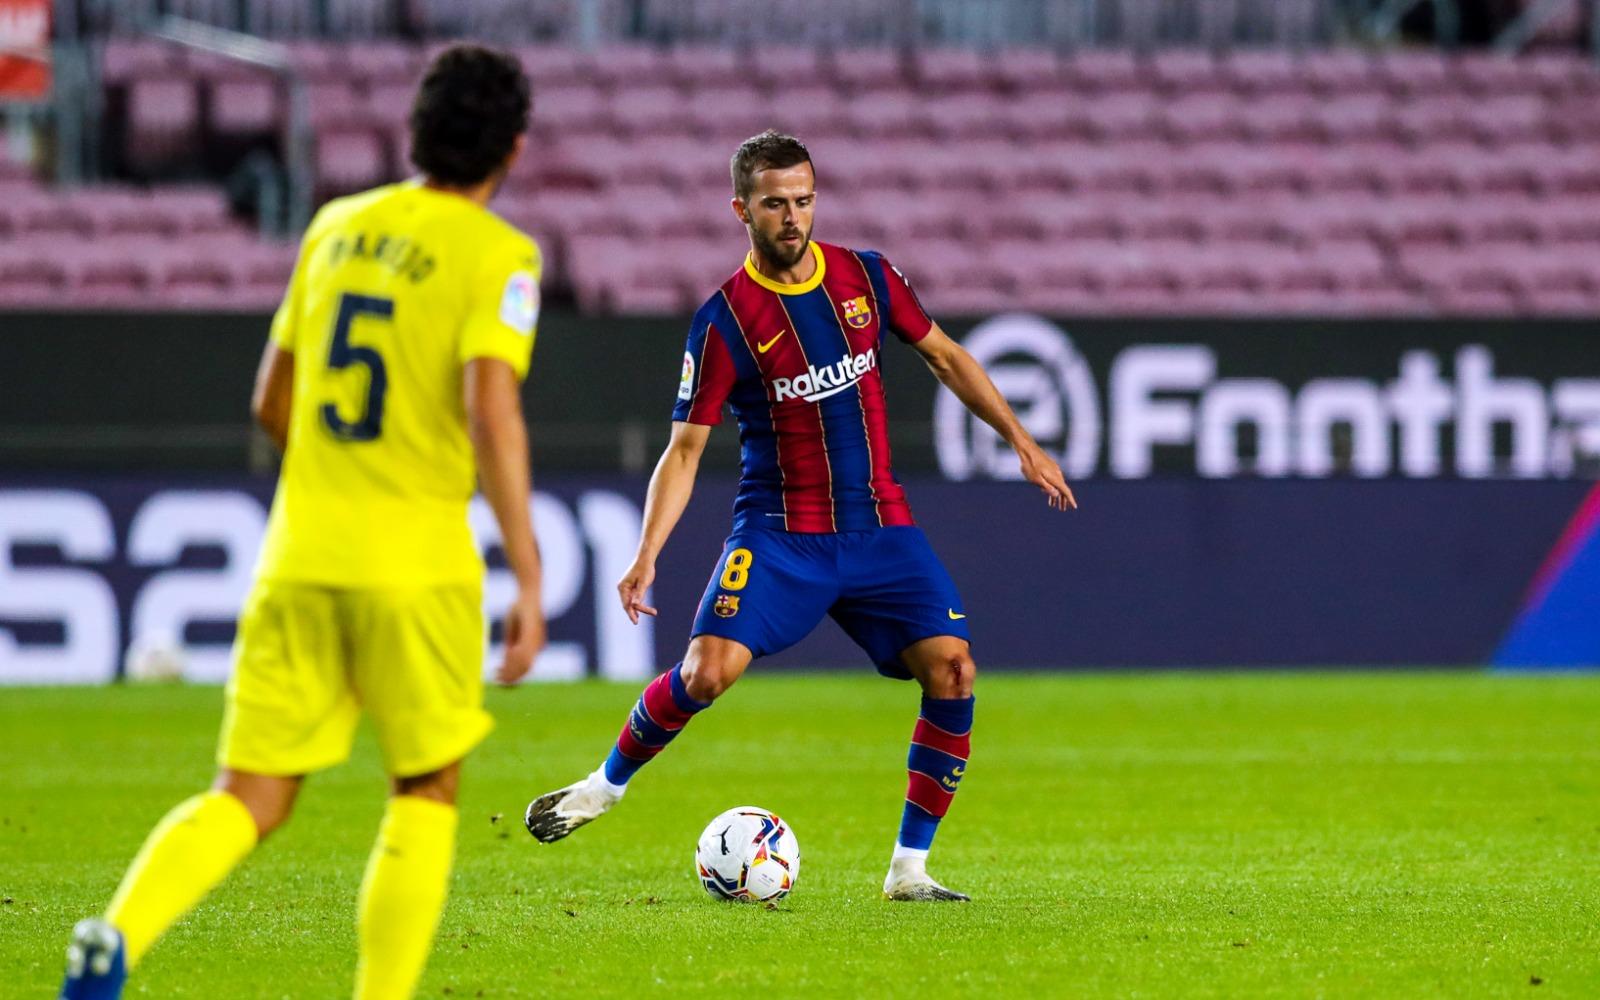 Pjanic debut against Villarreal